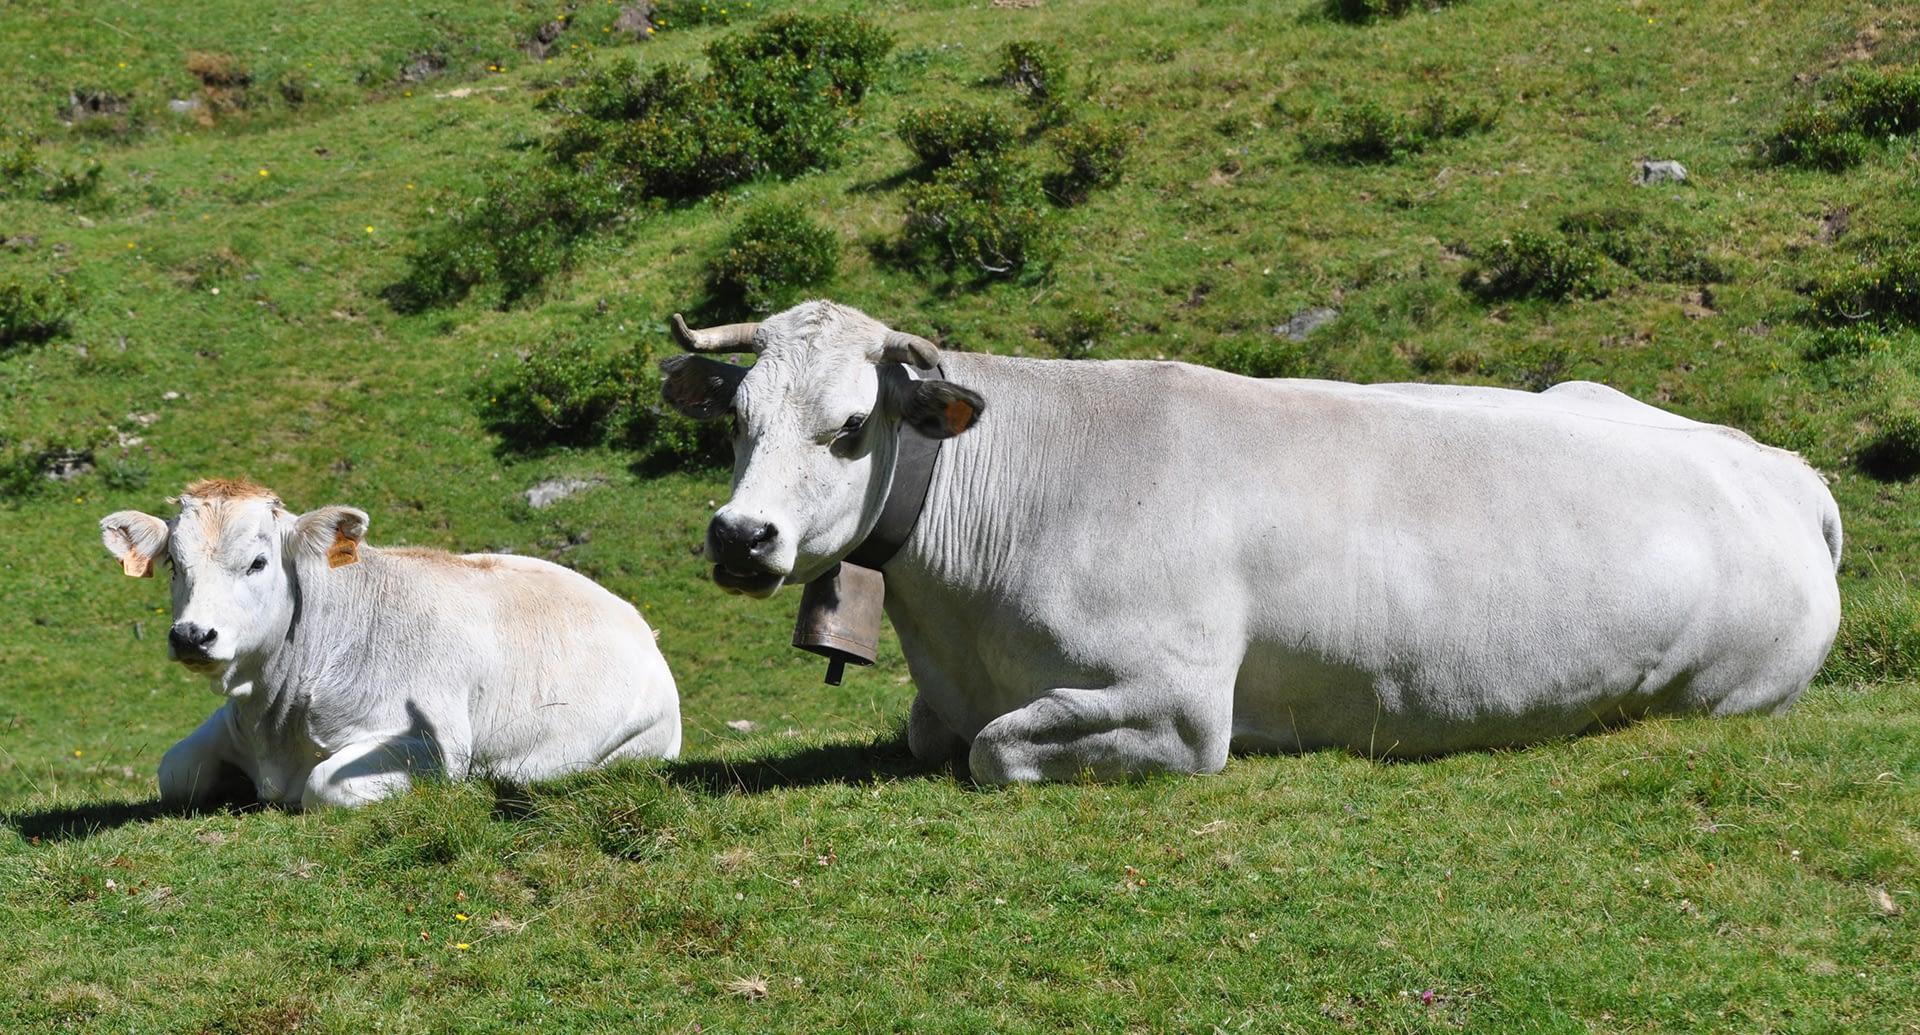 Vaches gasconnes